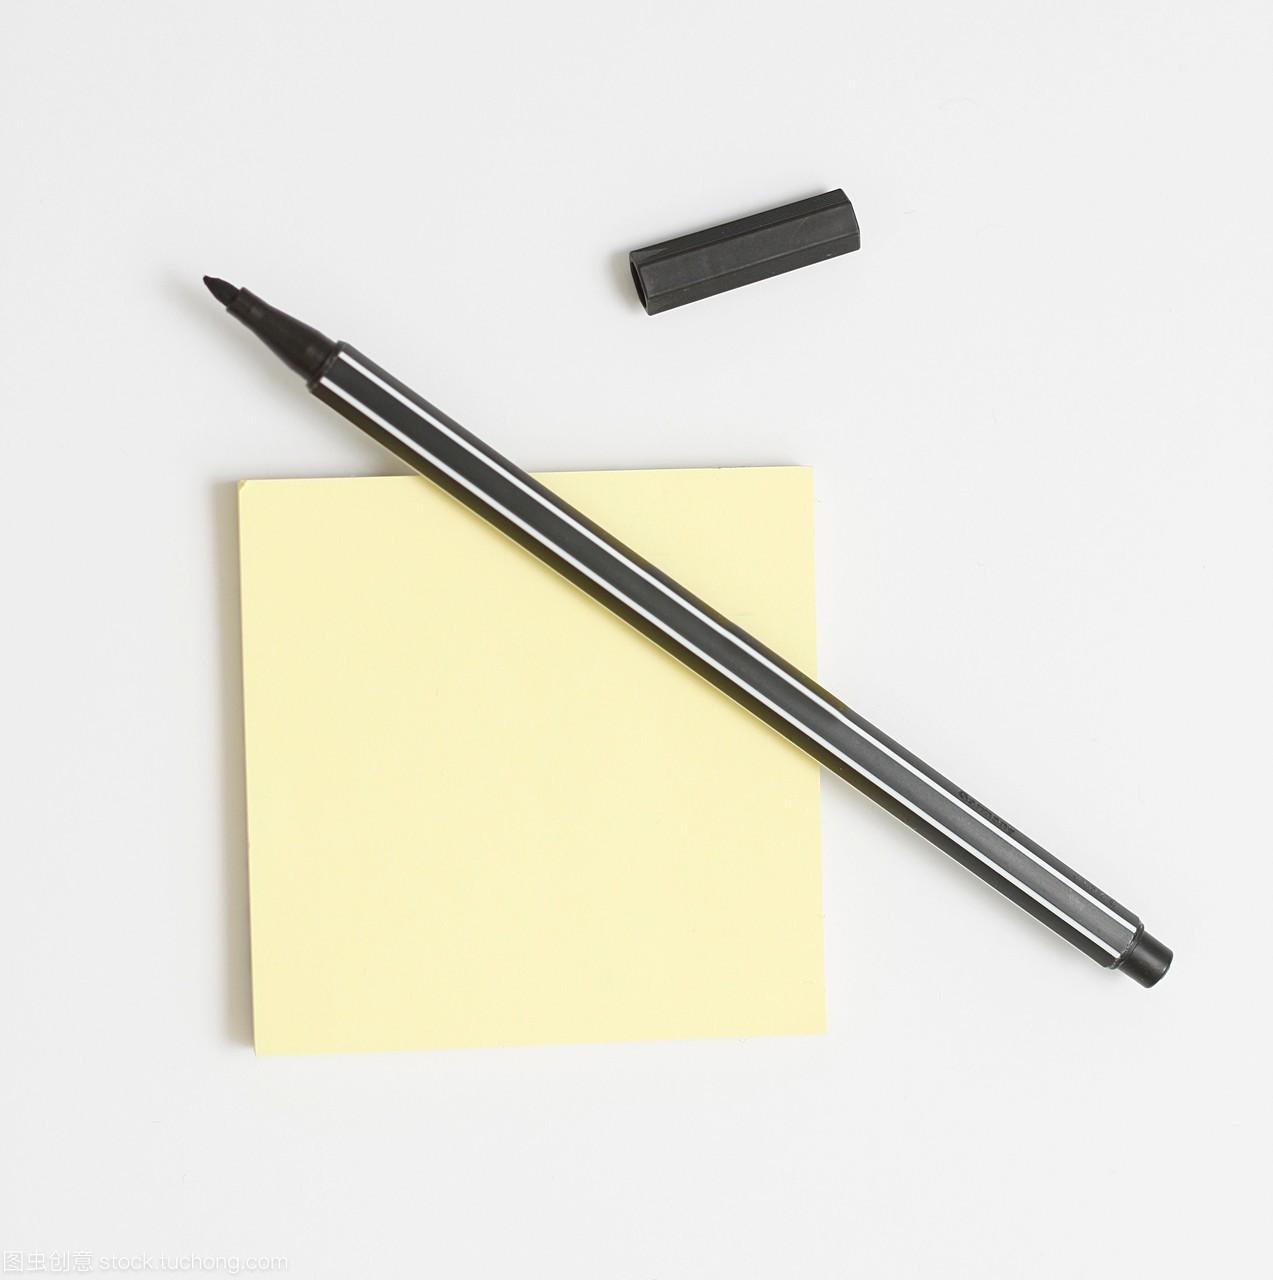 本,家具,鱼缸,钢笔,v家具,文字,铅笔,一个,文献纸,文档式便条图片